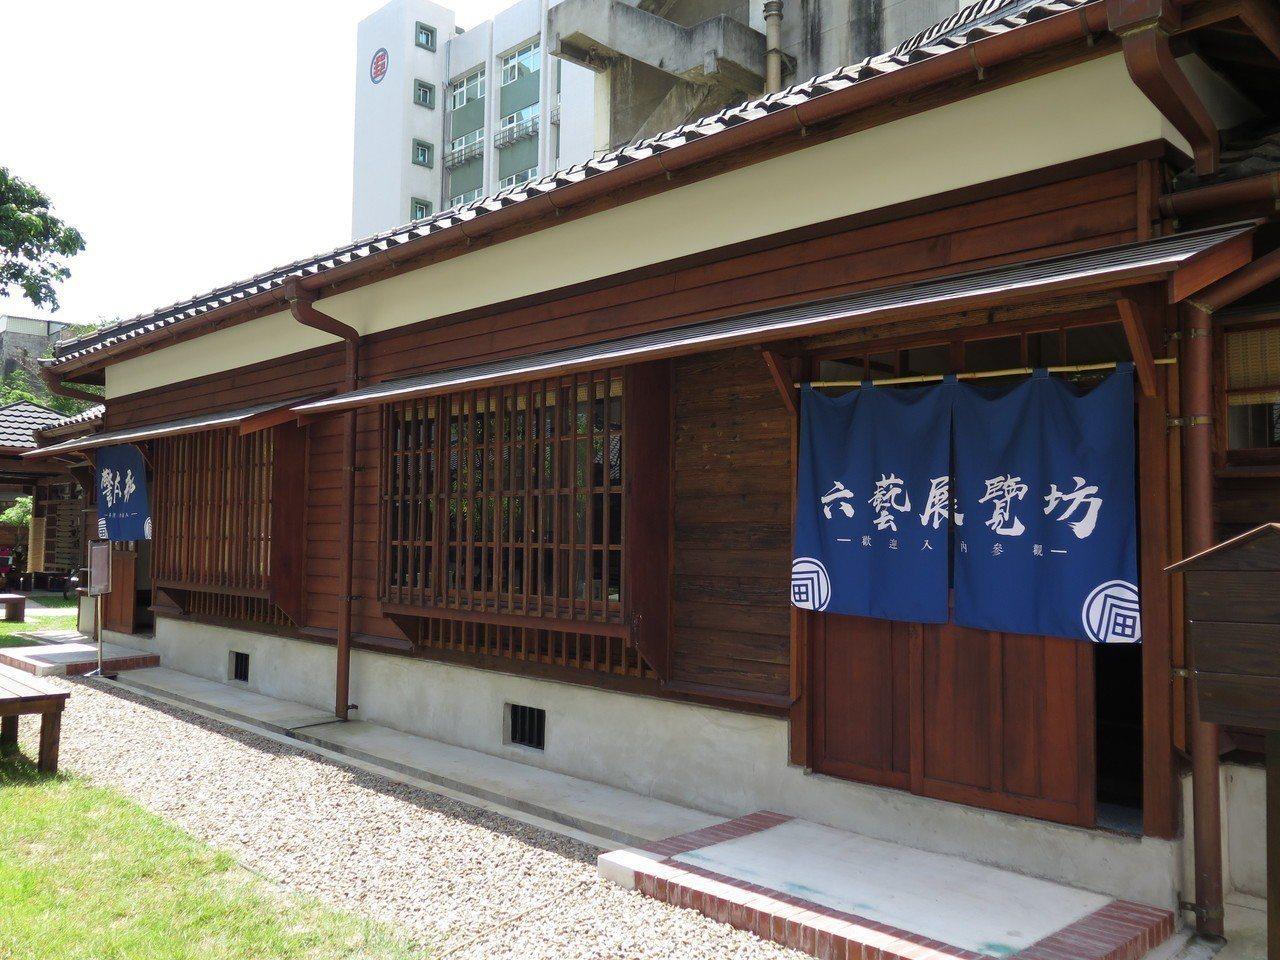 桃園警察局日式宿舍群保留完整,且登錄為歷史建築,市府修復活化作為文創園區,取名為...